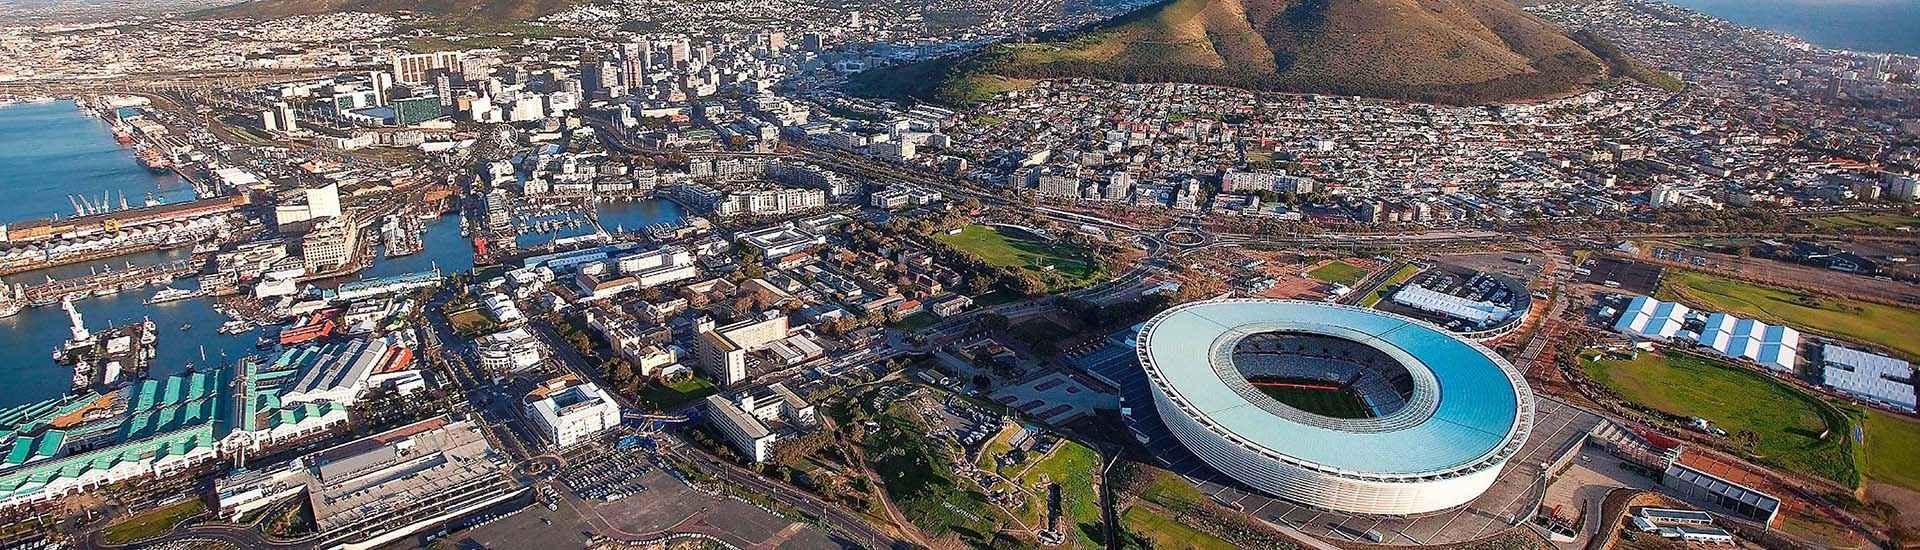 ویزا آفریقای جنوبی